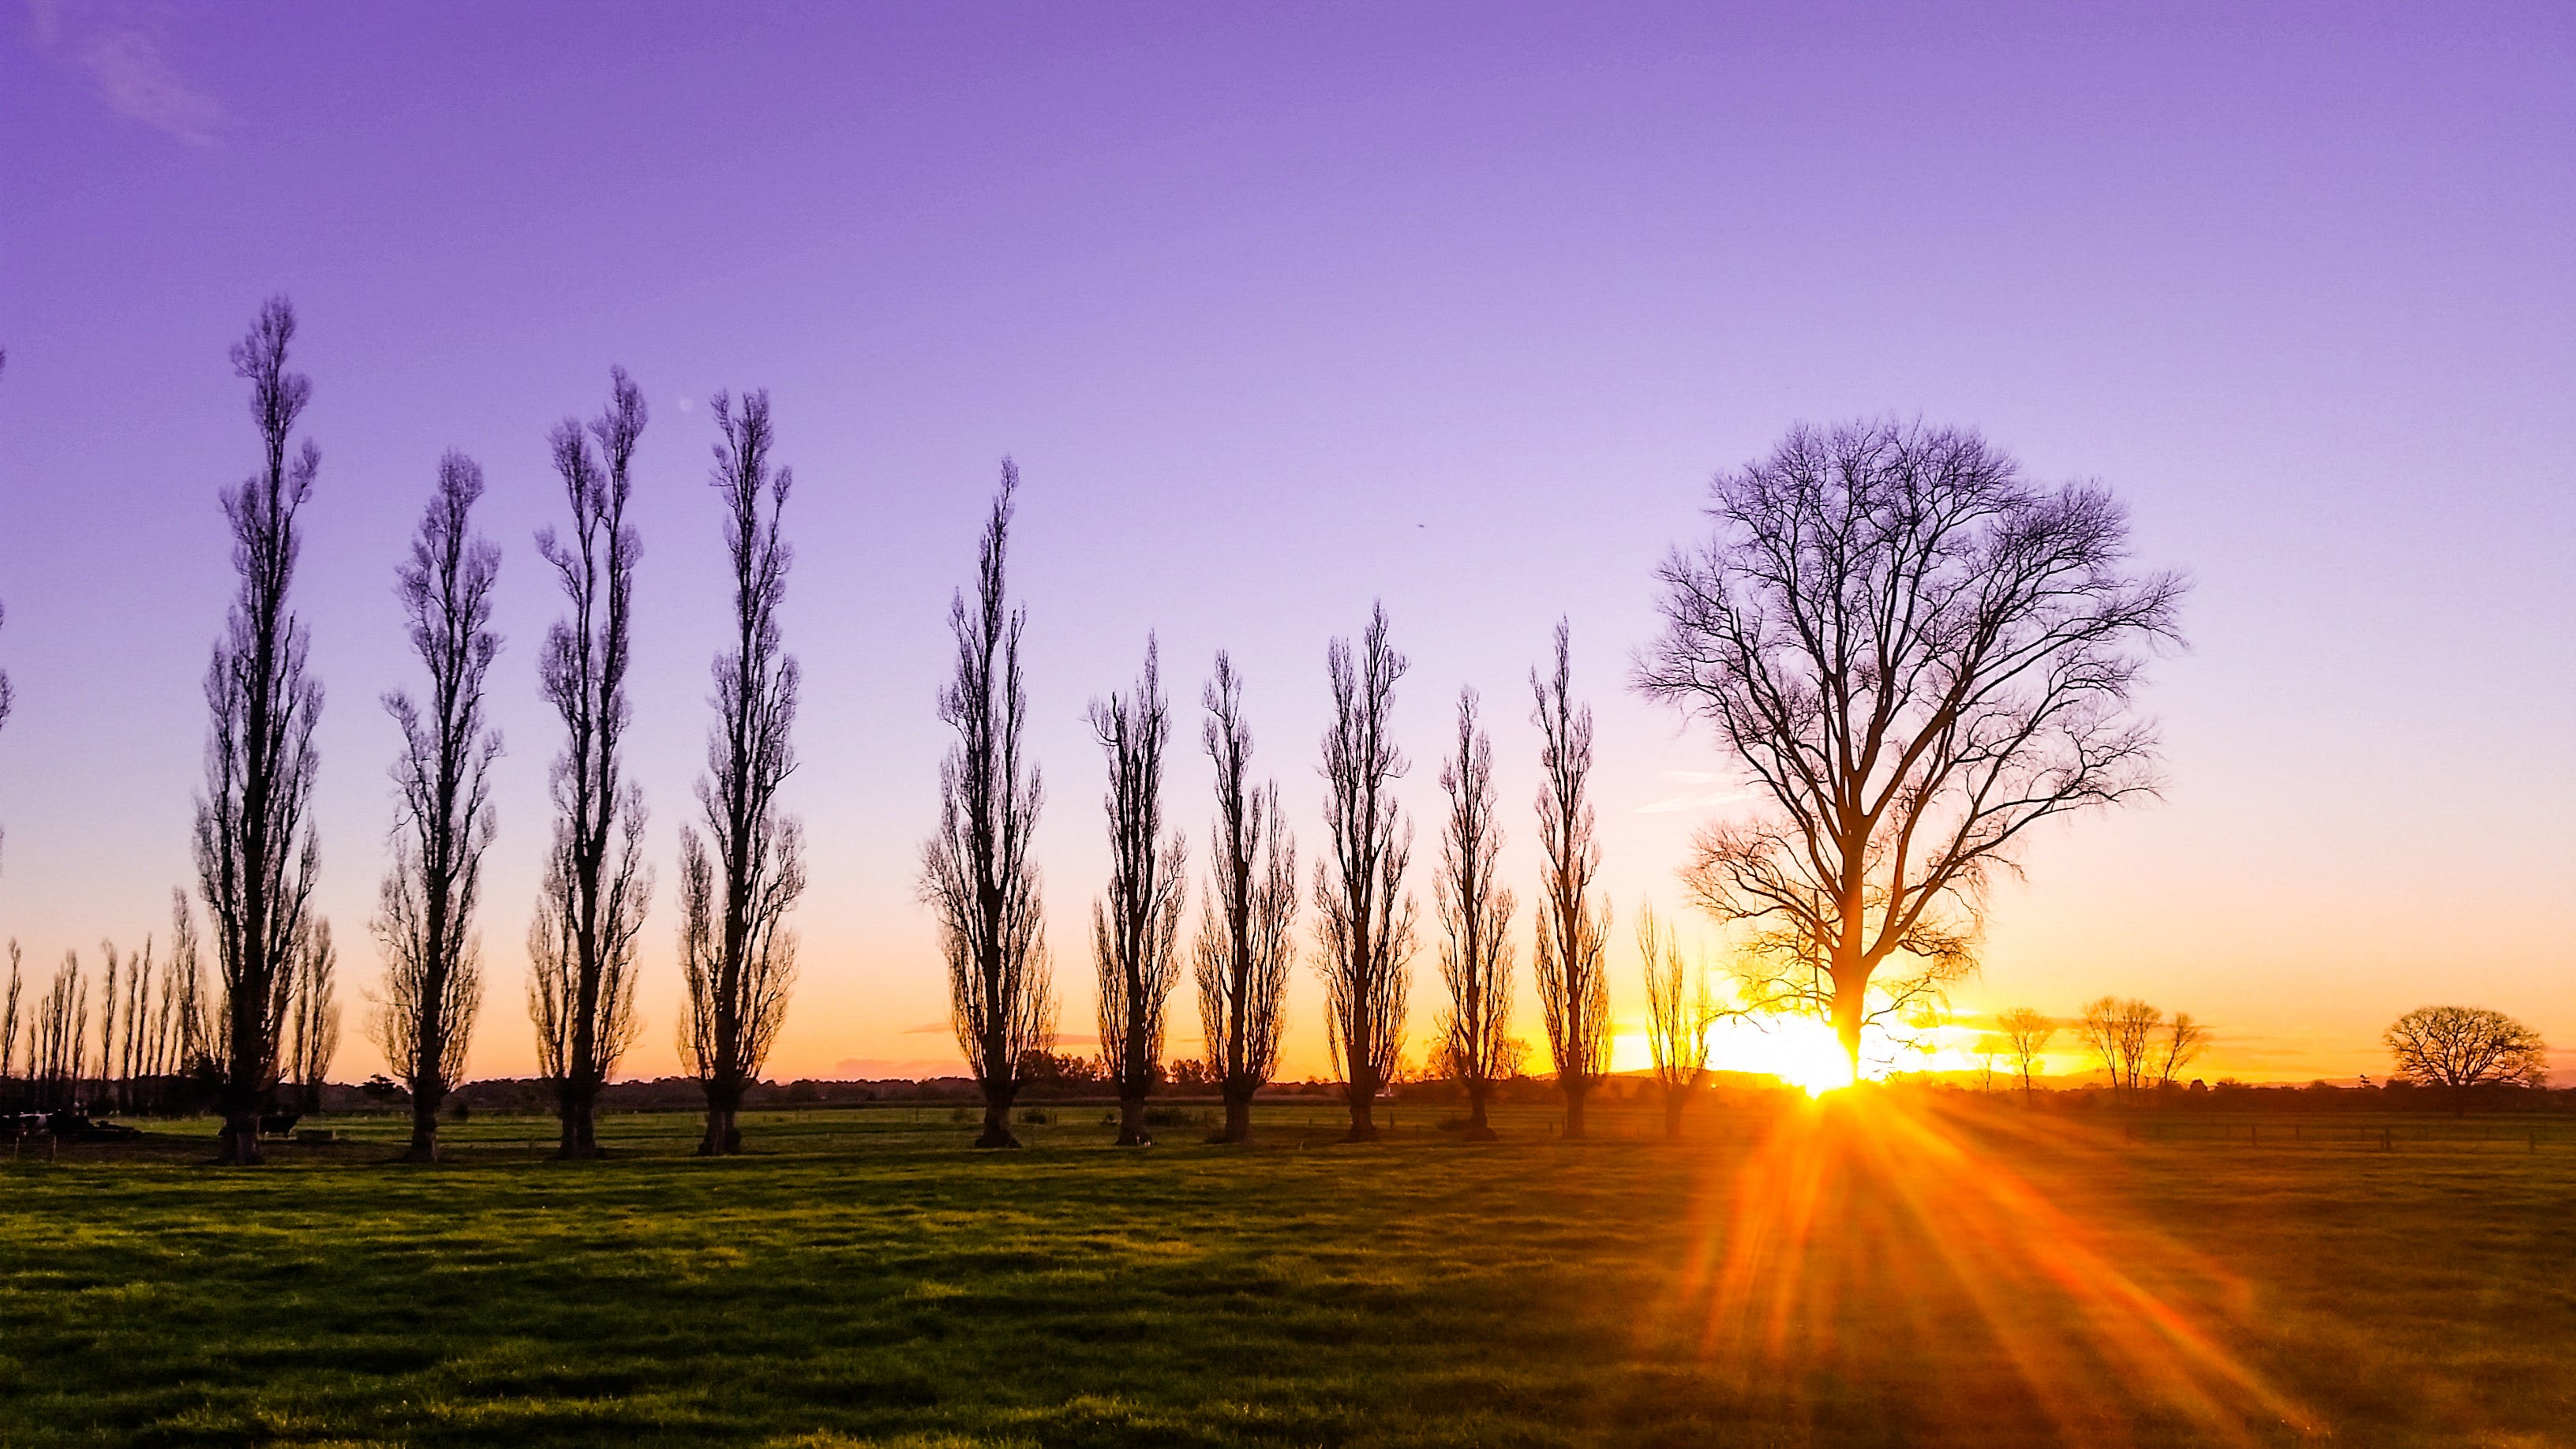 Free stock photo of sunset, field, sun, trees